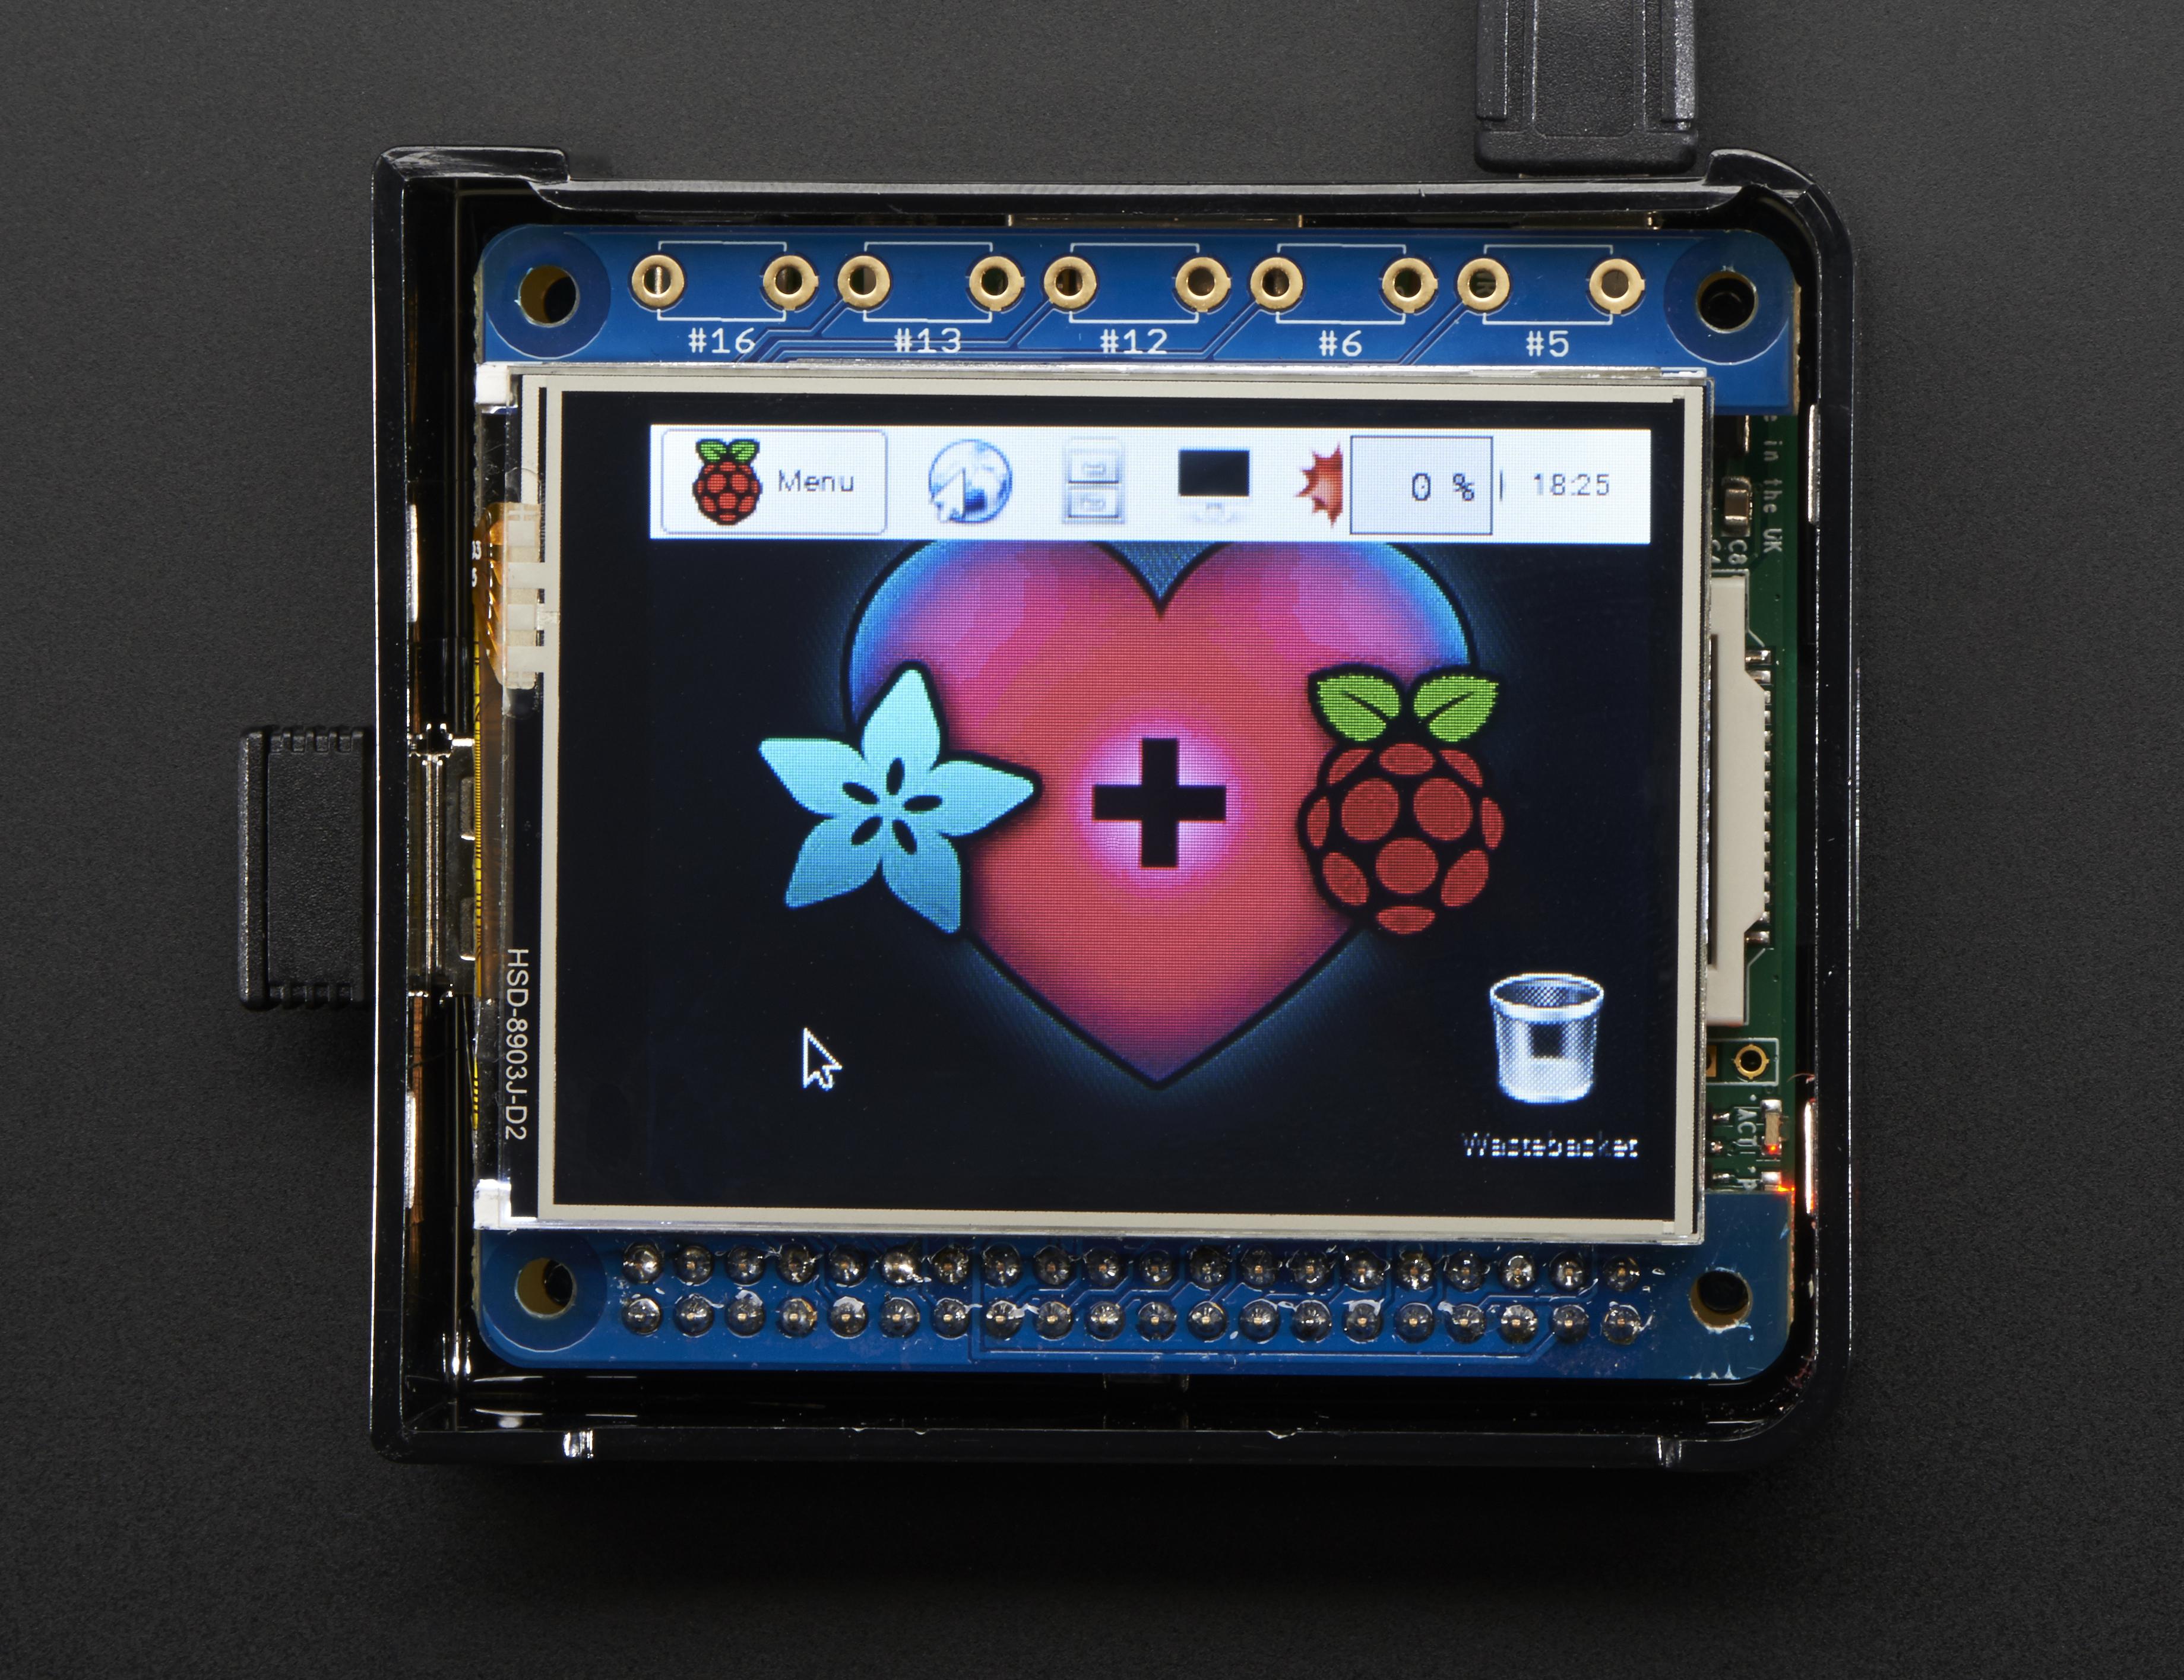 raspberry_pi_adafruit_products_2455_top_display_2A_ORIG.jpg